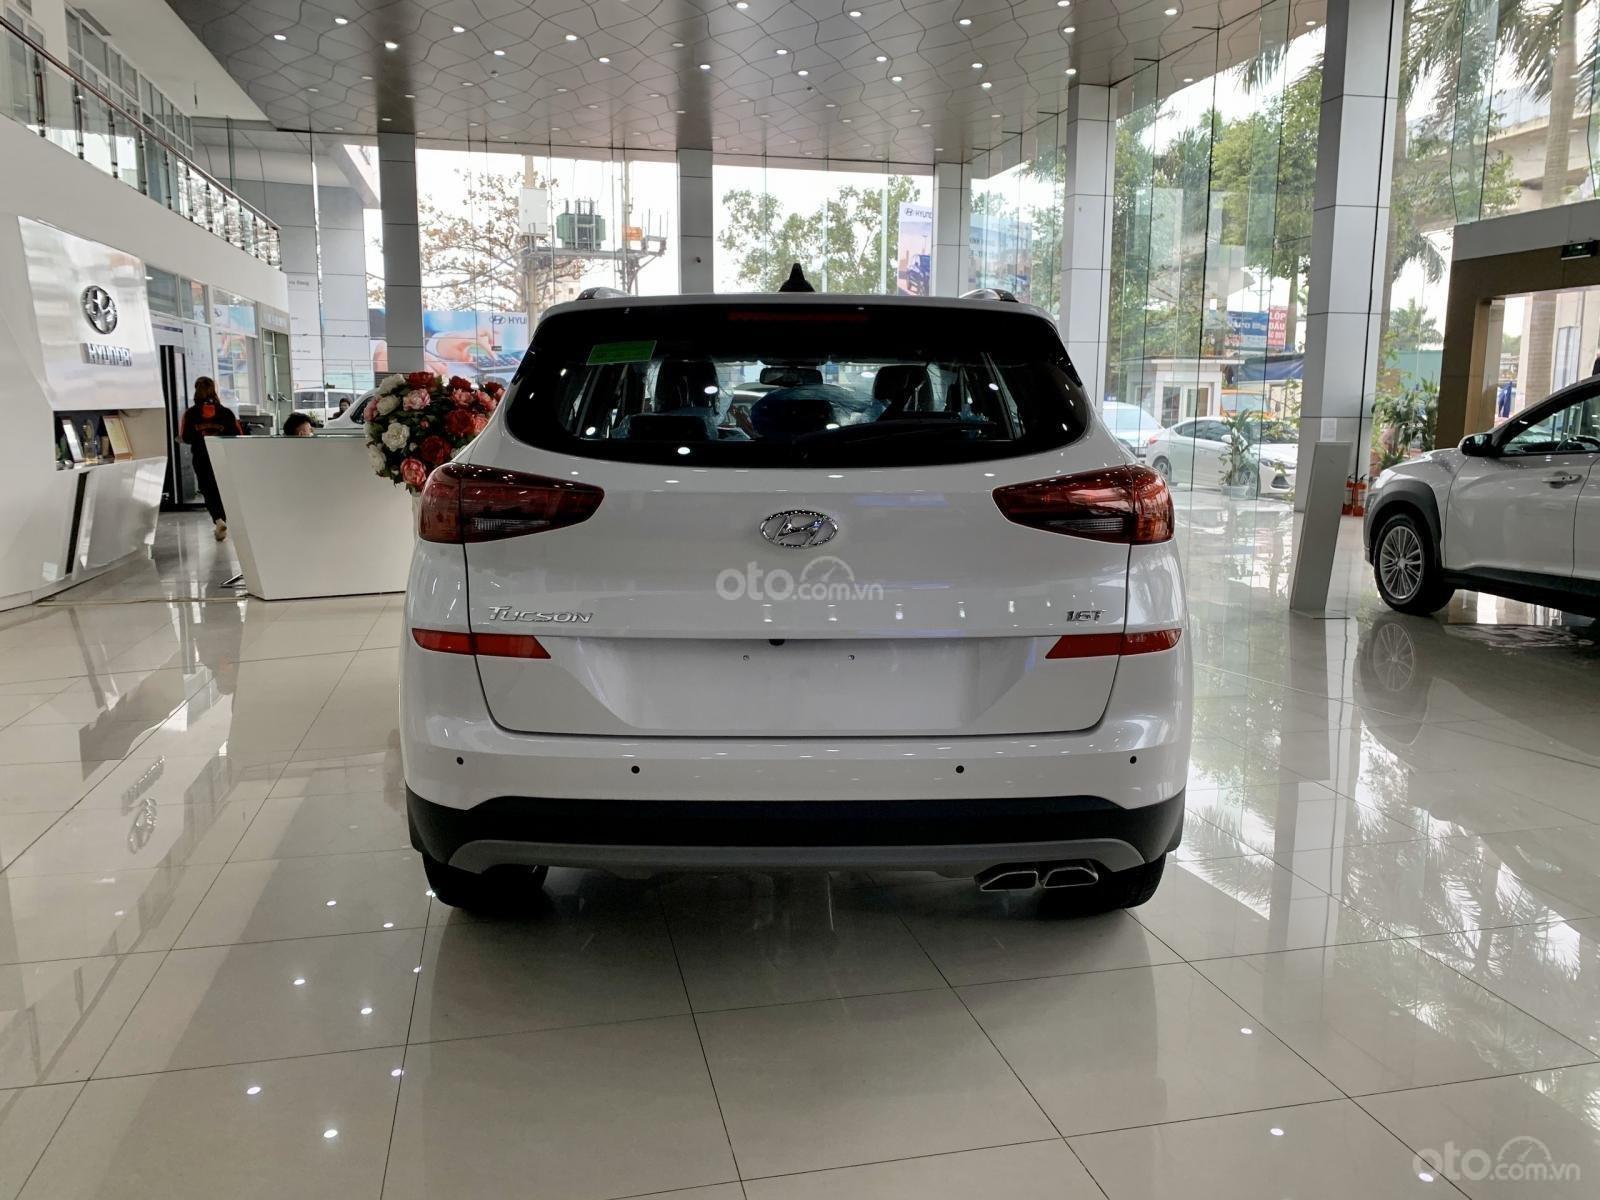 Hyundai Tucson 2020 giảm ngay 50% thuế TB + quà tặng cực kỳ hấp dẫn, trả trước 200 triệu nhận ngay xe (4)